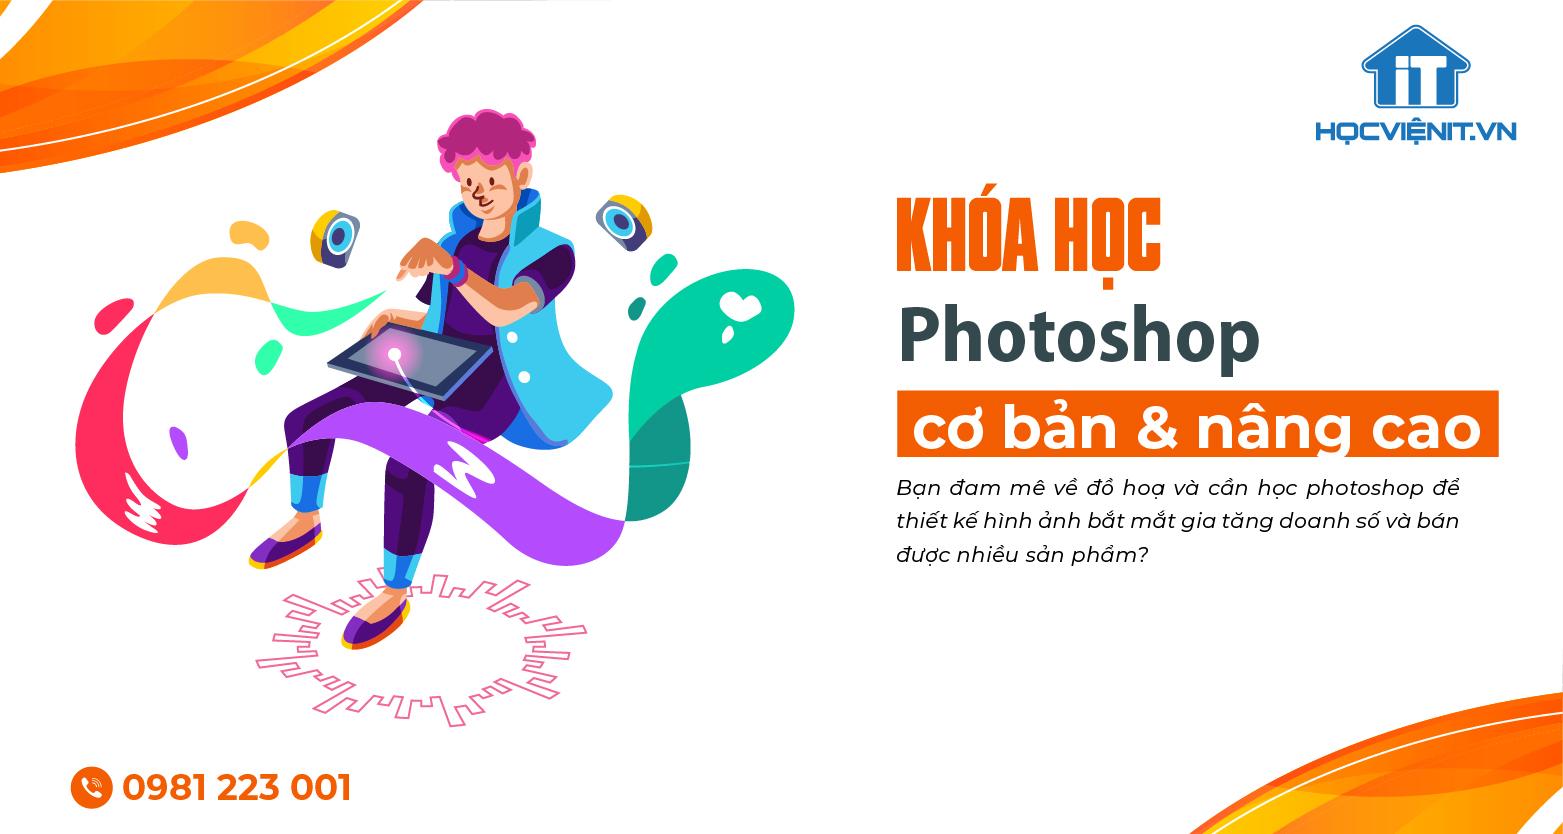 Khóa học Photoshop cơ bản & nâng cao